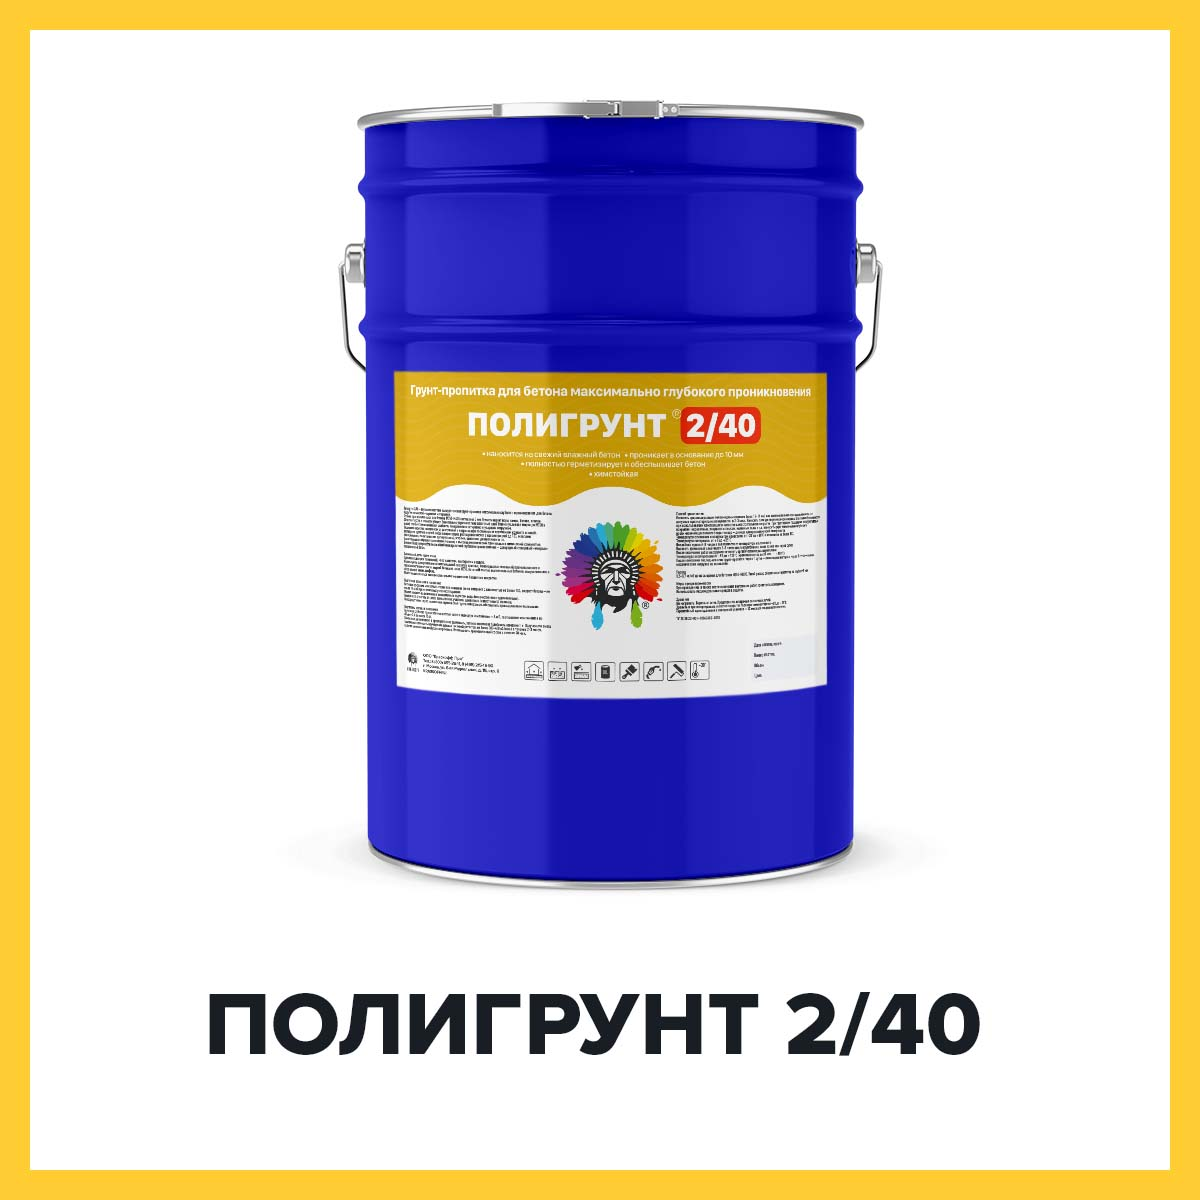 Купить пропитку для бетона от влаги характеристики раствора кладочного цементного марки 100